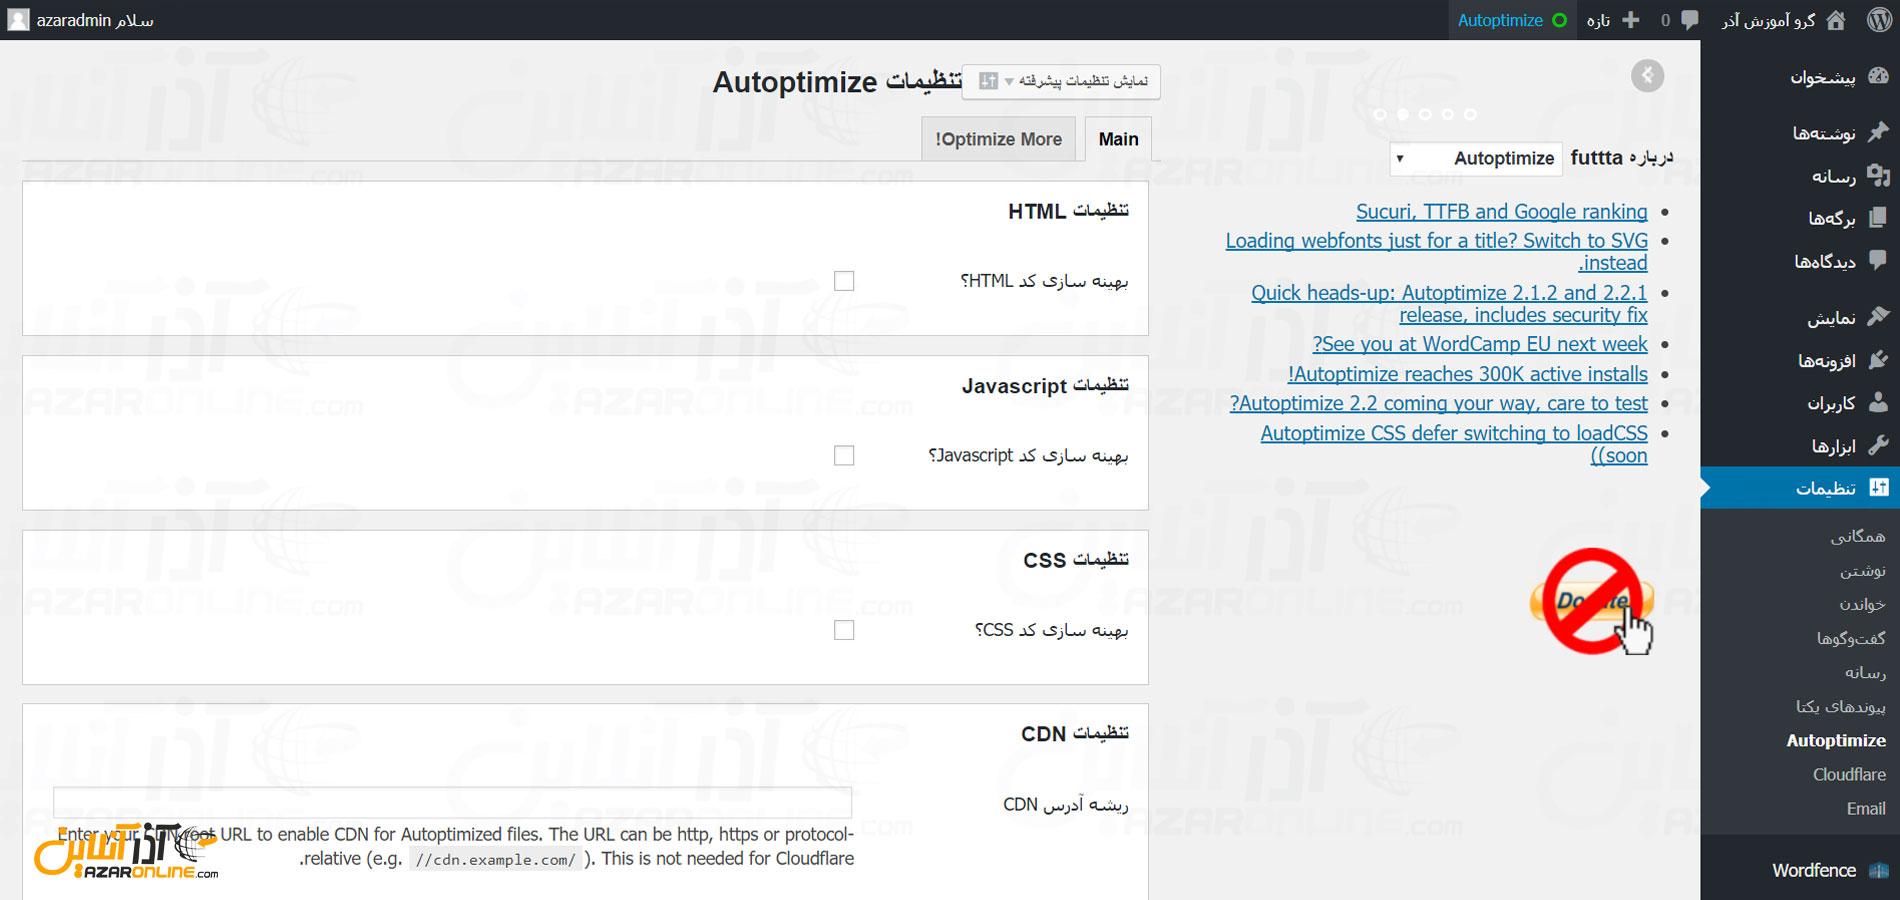 توضیحات تنظیمات افزونه autoptimize